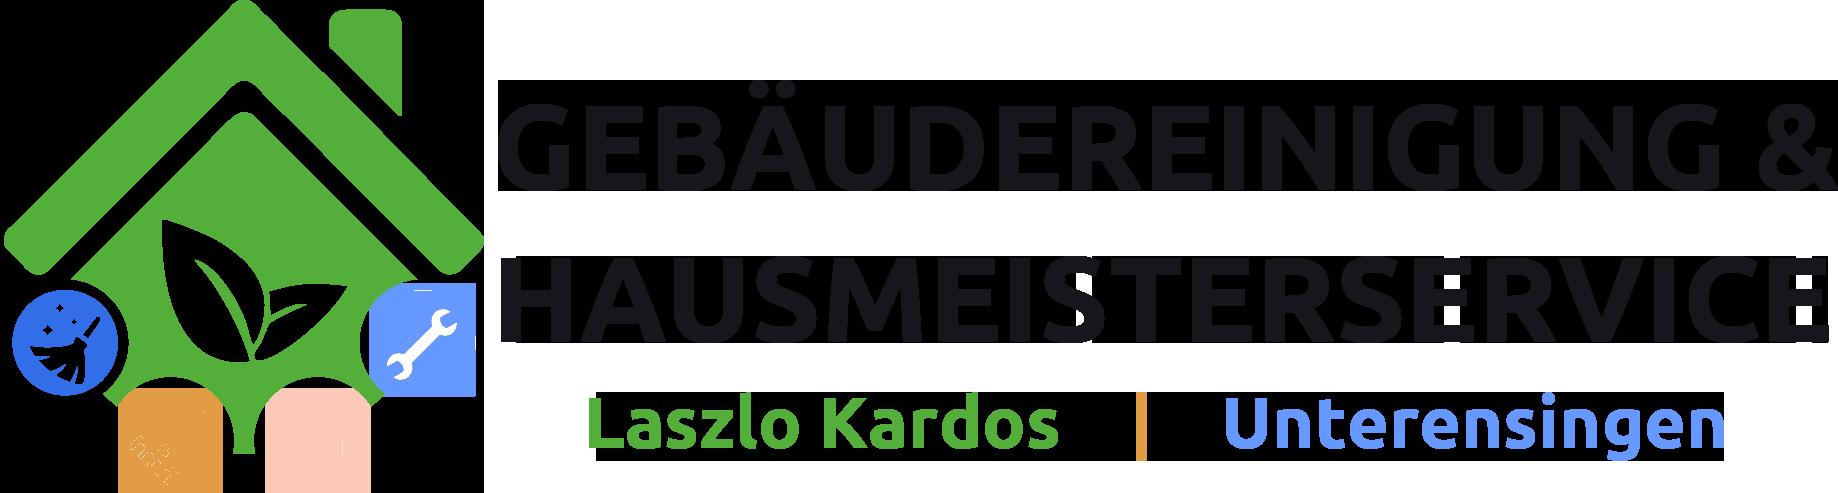 Gebäudereinigung und Hausmeisterservice Laszlo Kardos Einzelunternehmer